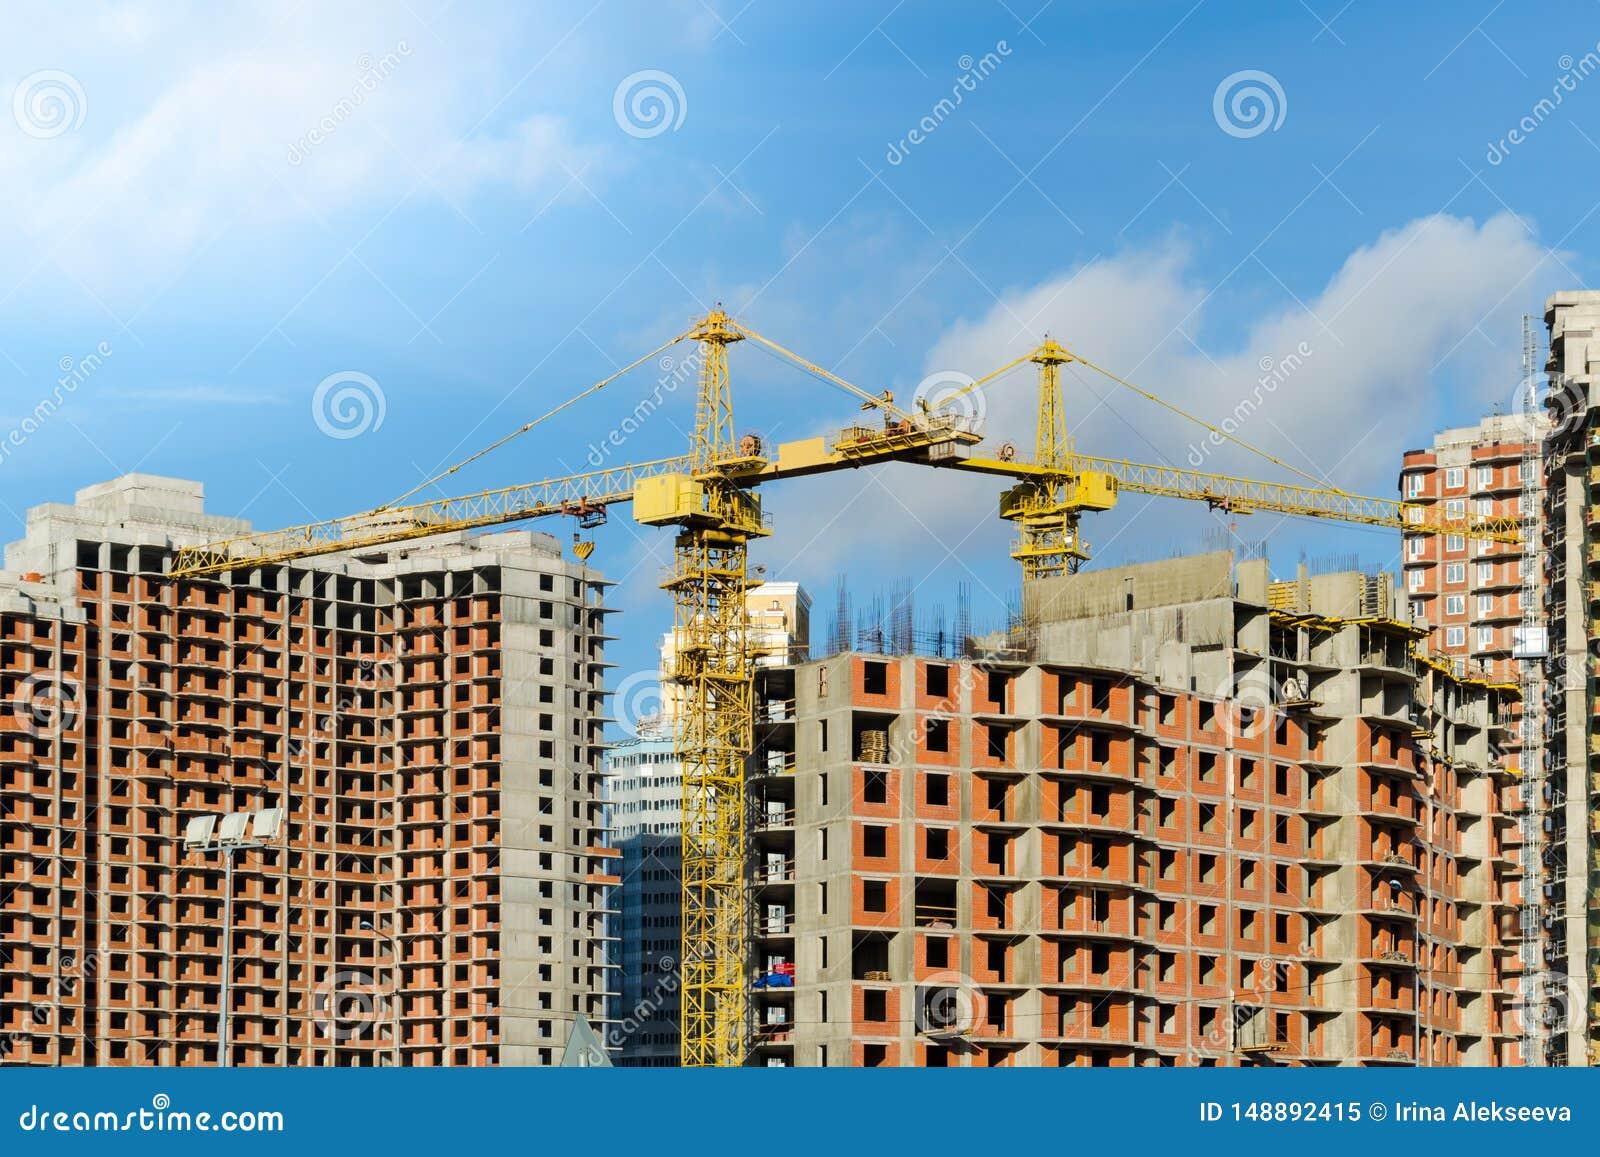 2 желтых крана конструкции на строительной площадке домов кирпича мульти-этажа против голубого неба